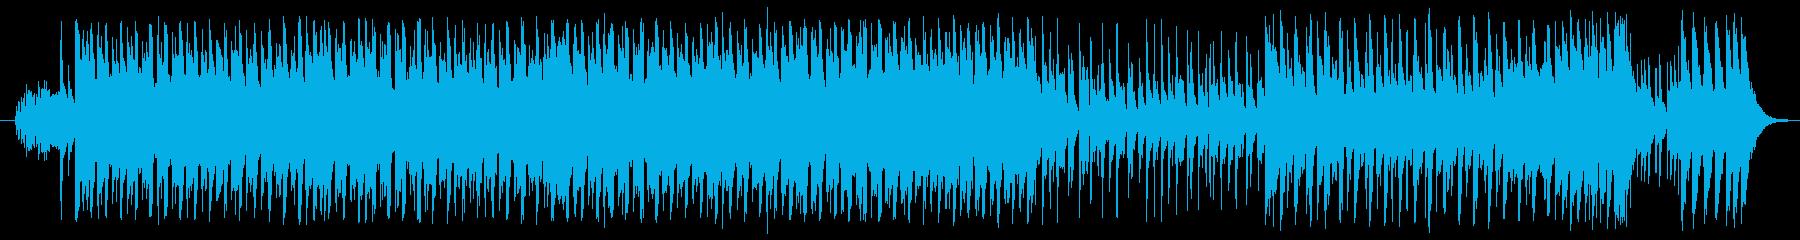 和楽器+エレクトロの和風ダンス曲の再生済みの波形